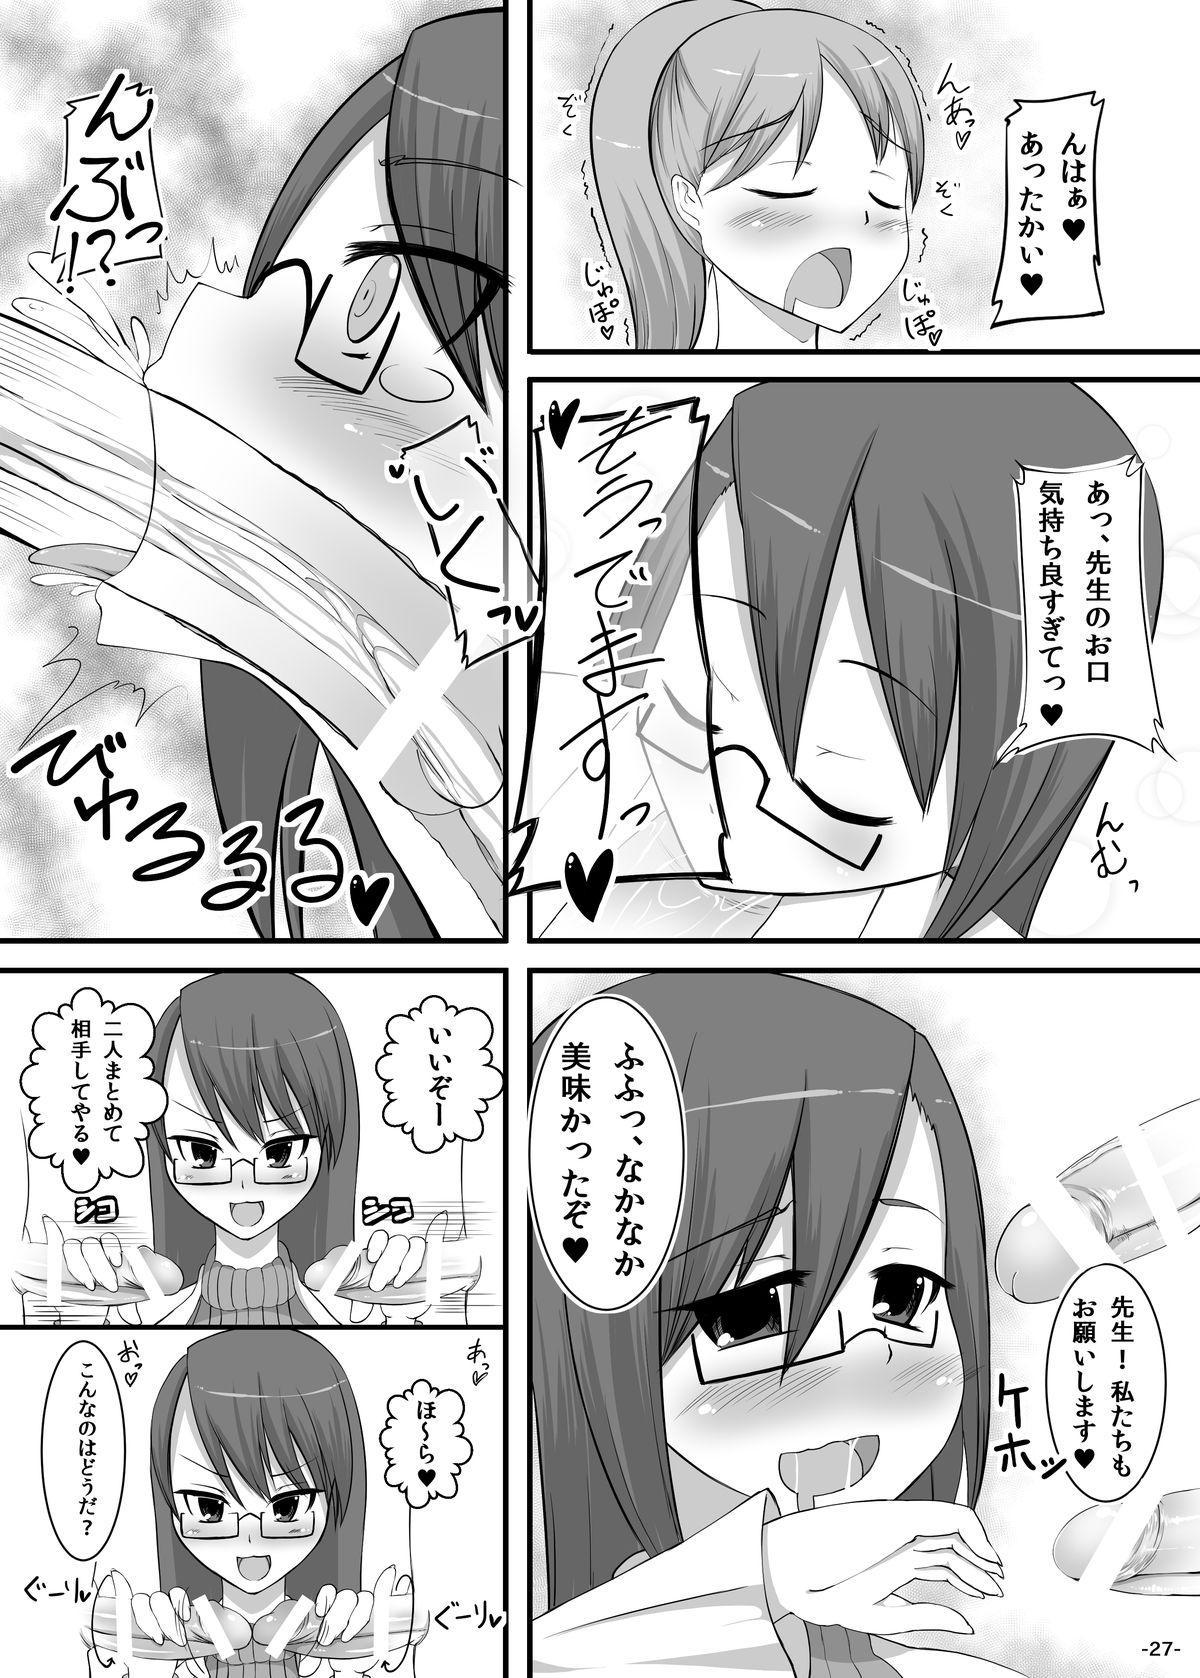 Futa Yuri 25